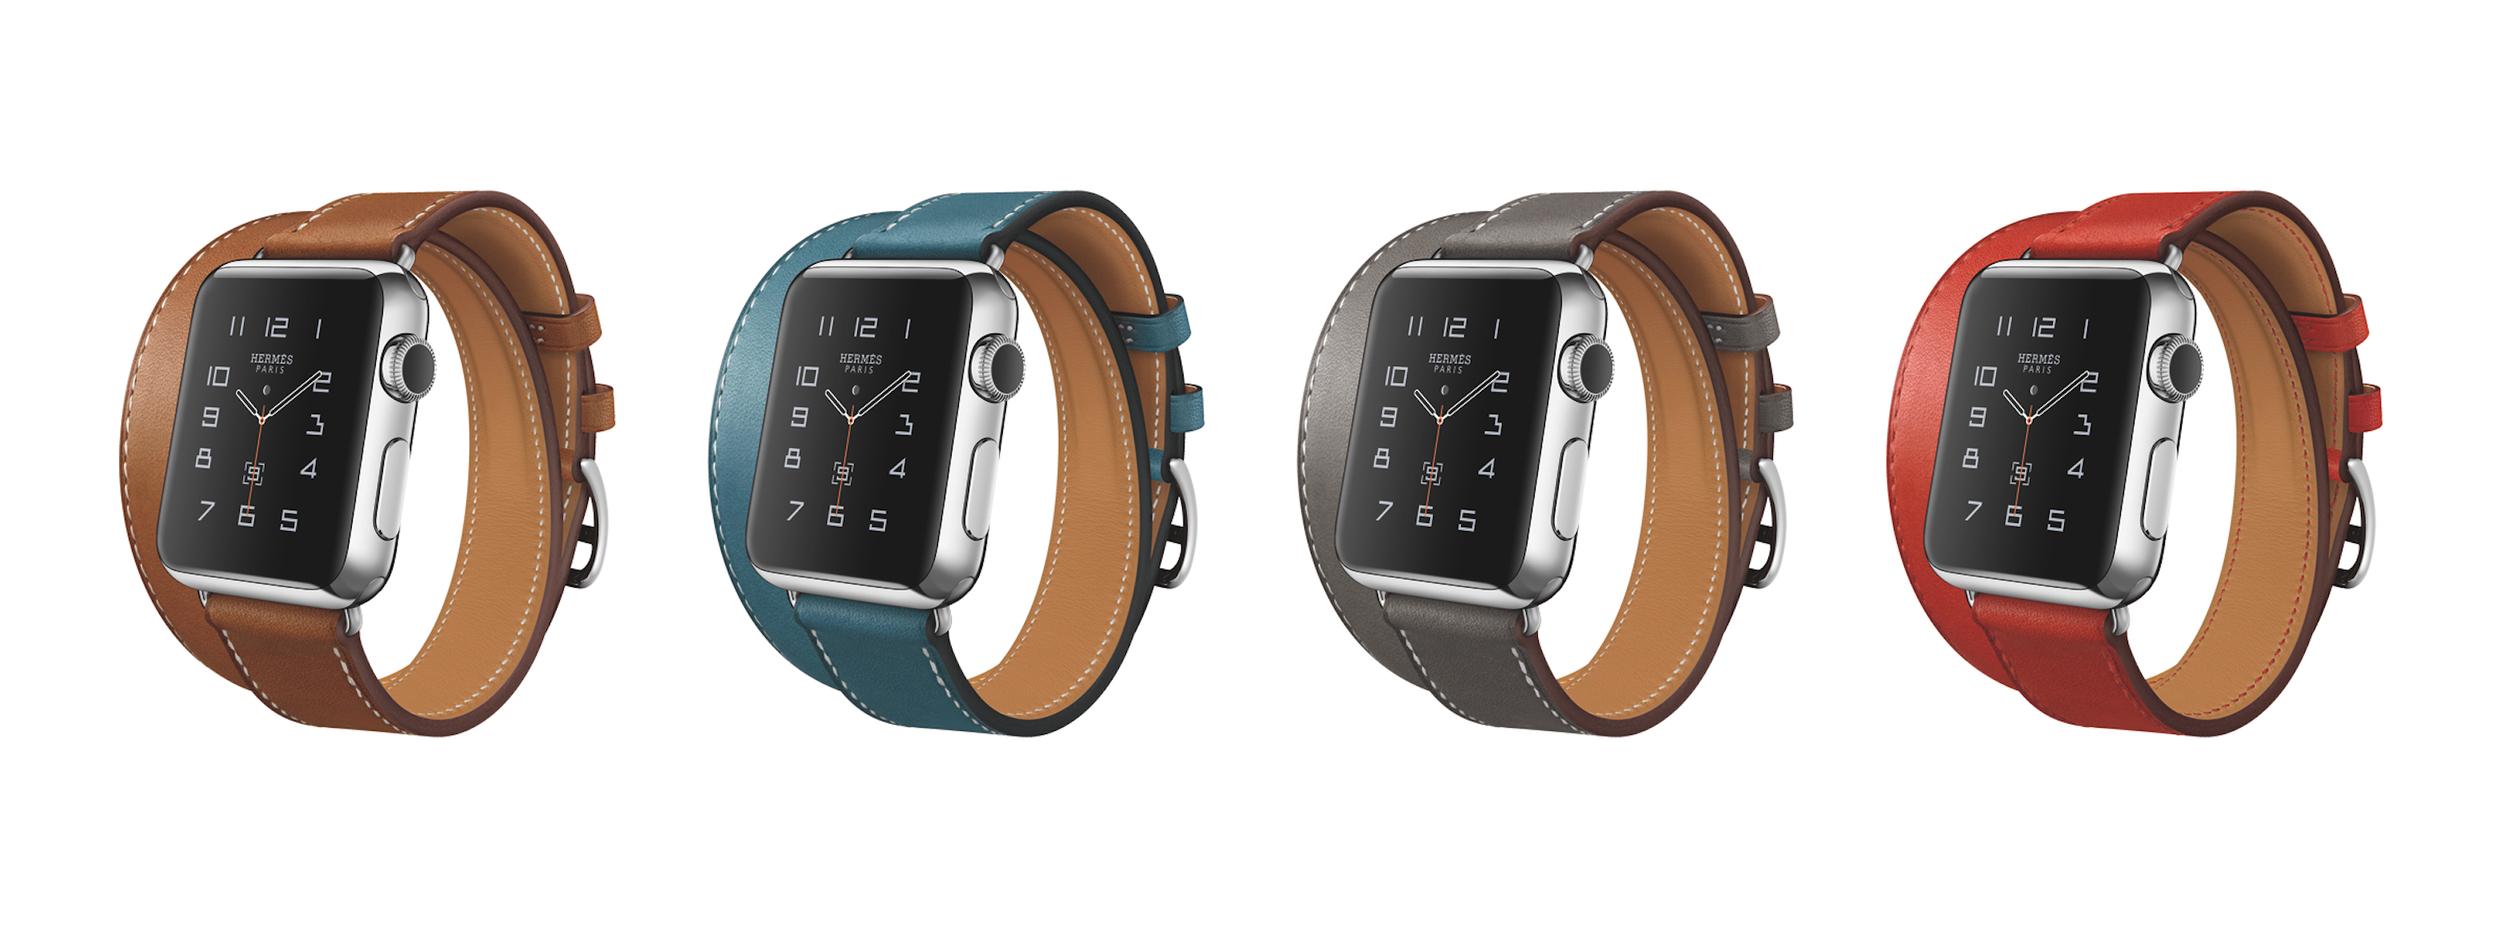 애플 워치 에르메스 더블 투어는 총 네 가지 색상으로 나온다. (애플 보도자료)